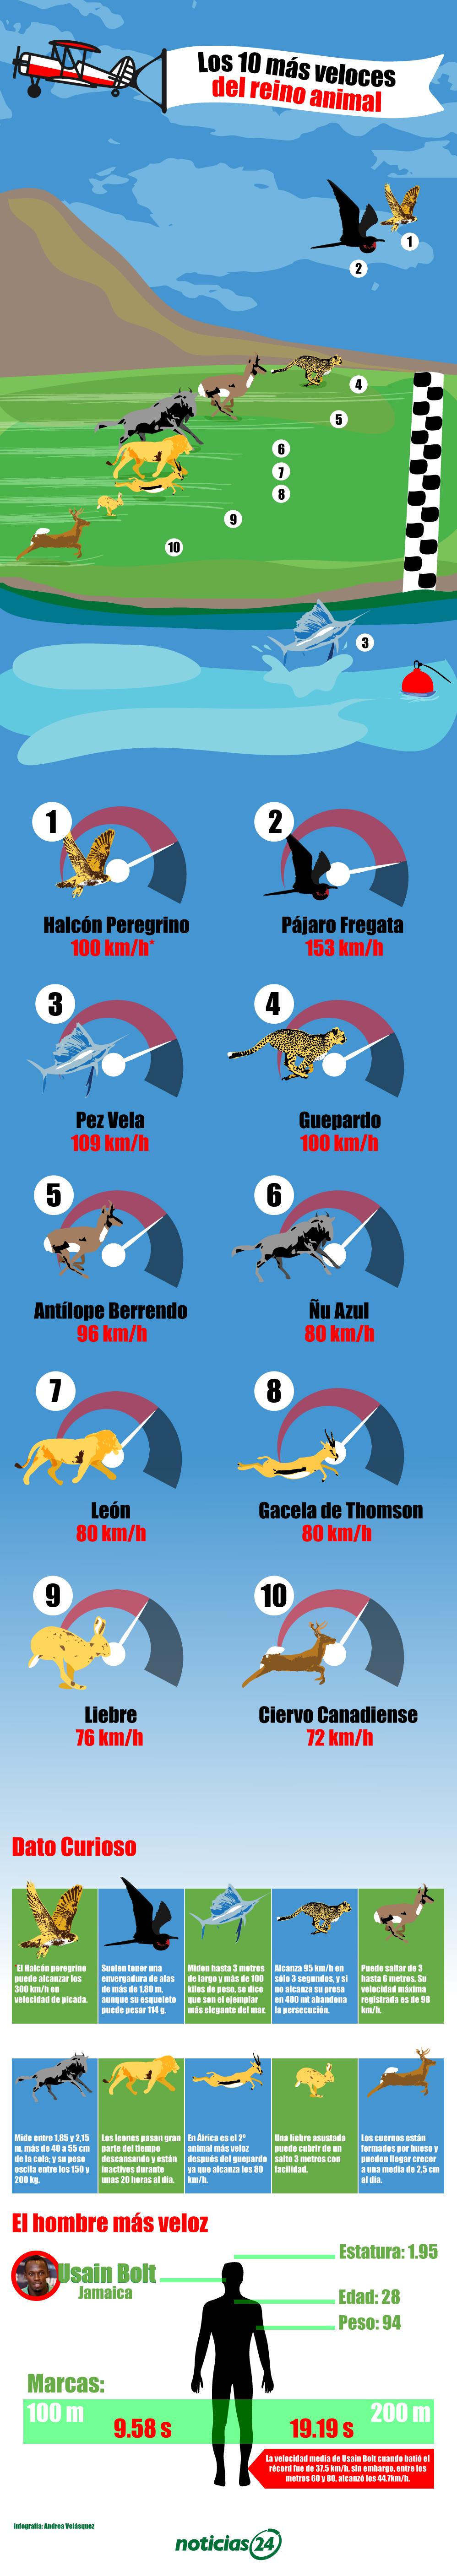 02-04-17-Los-10-mas-veloces-del-reino-animal